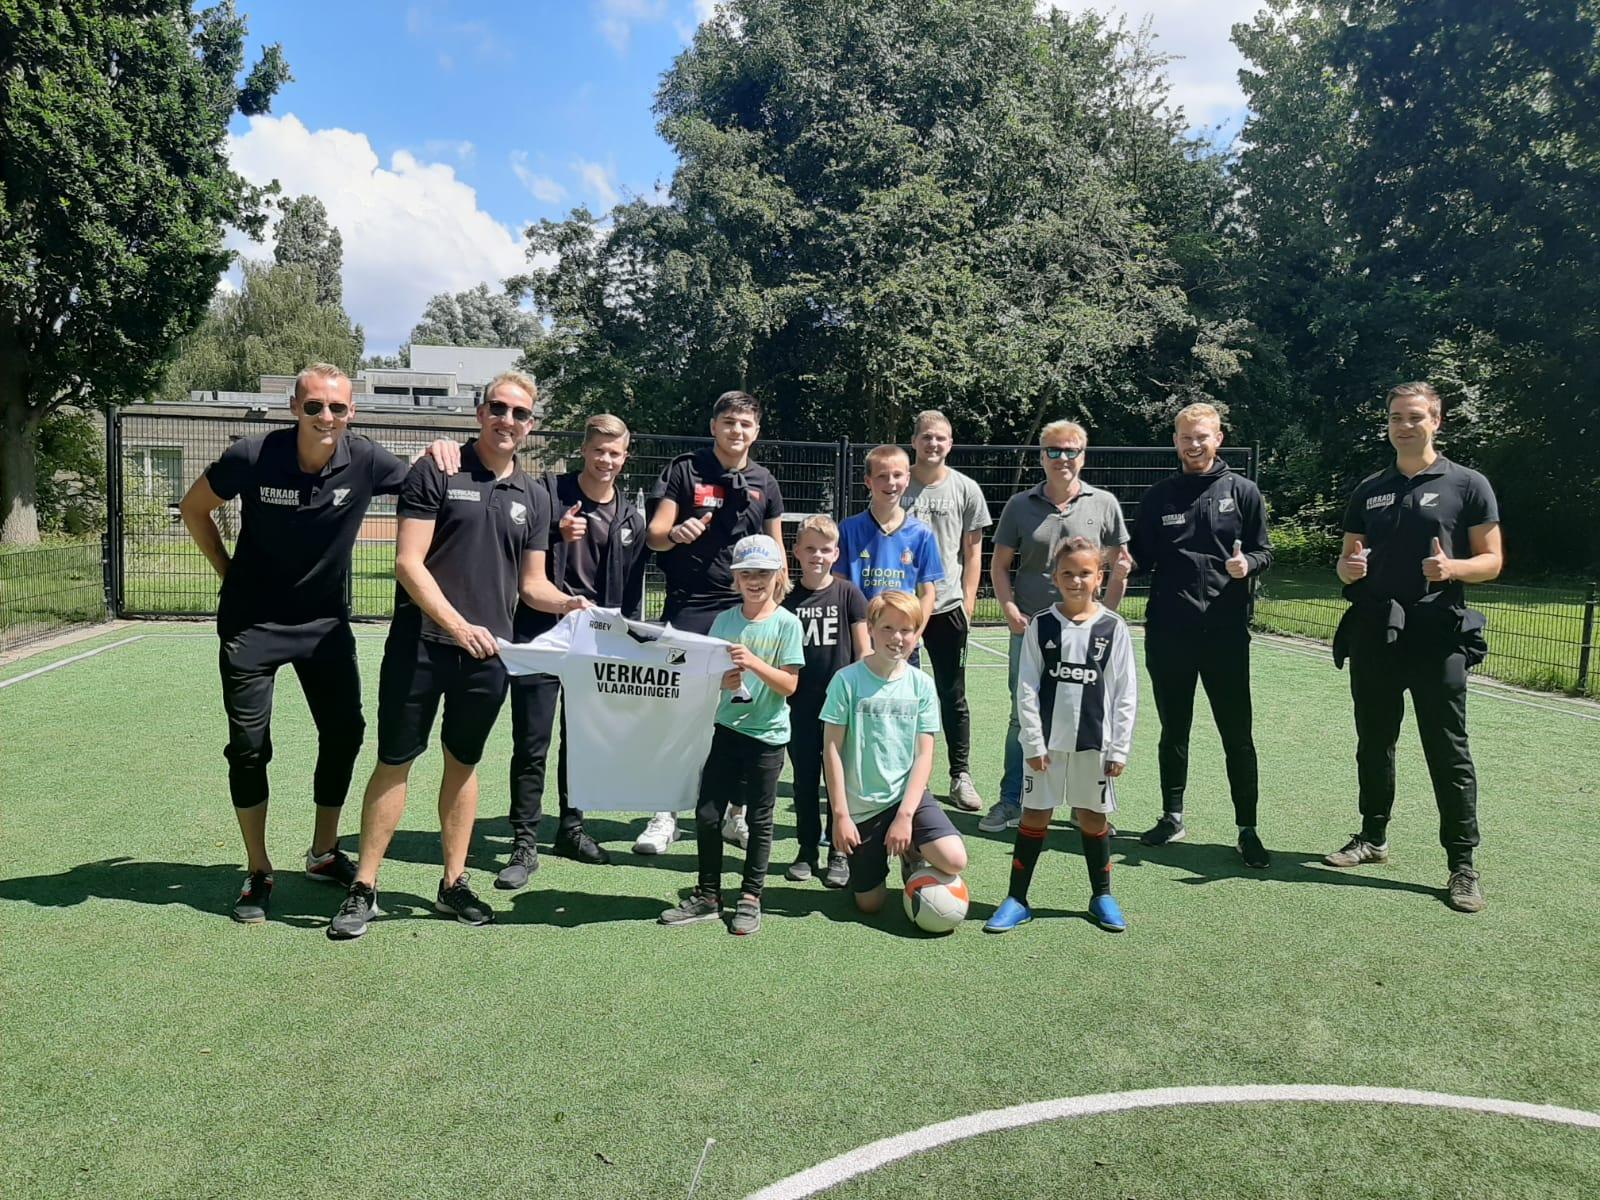 DVO'32 vermaakt Vlaardingen op voetballoze zaterdag